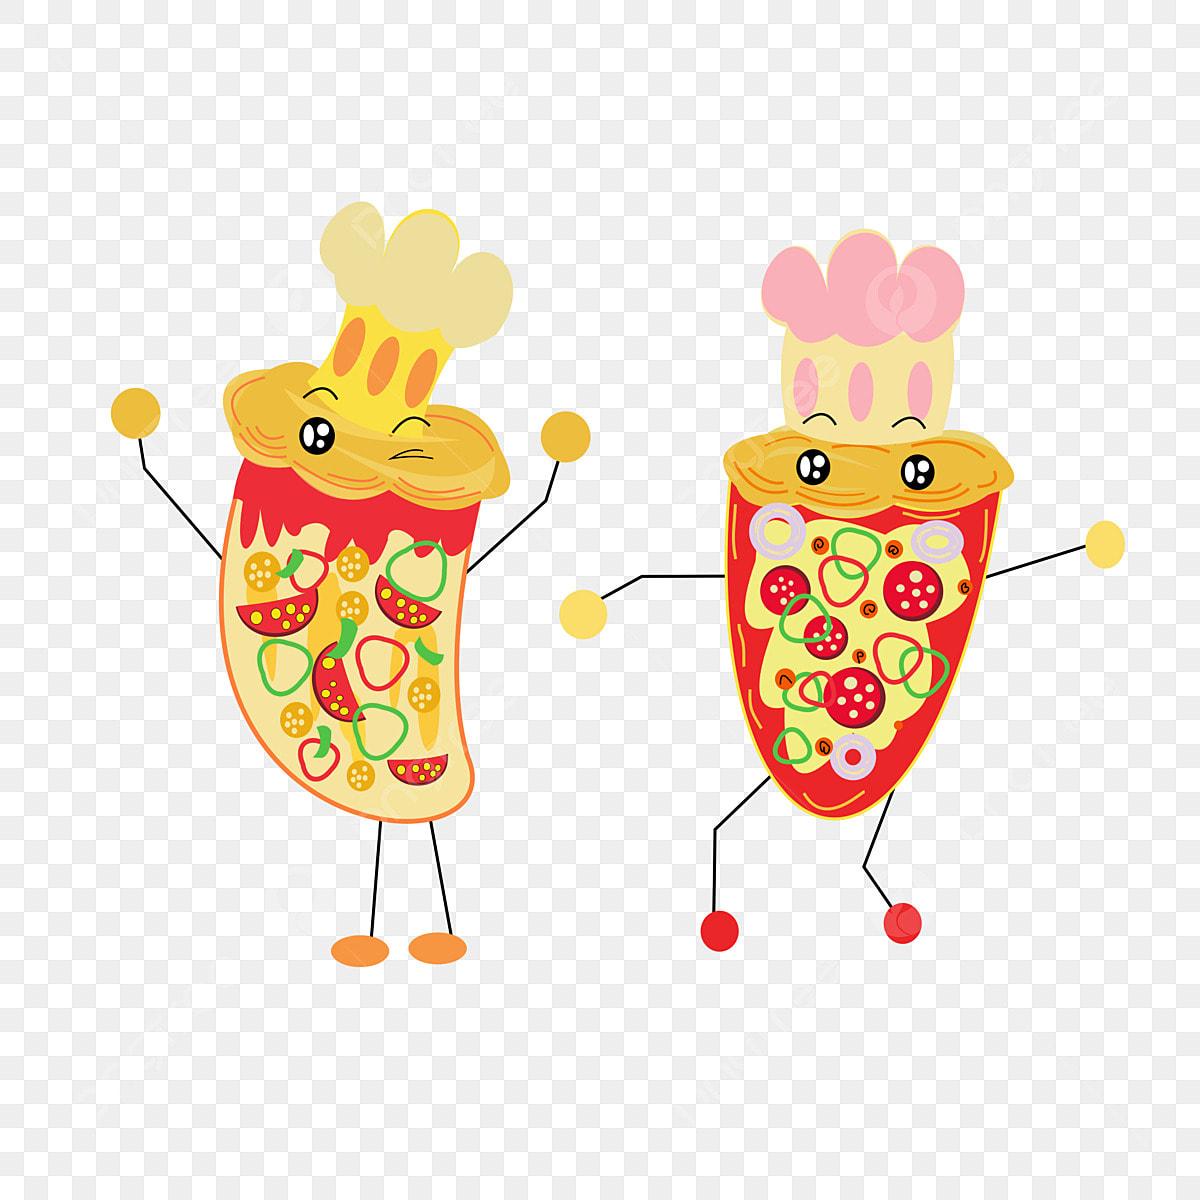 الكرتون لطيف البيتزا عنصر لذيذ الرقص الطفل اختبار لطيف بيتزا تصميم العنصر Png صورة للتحميل مجانا